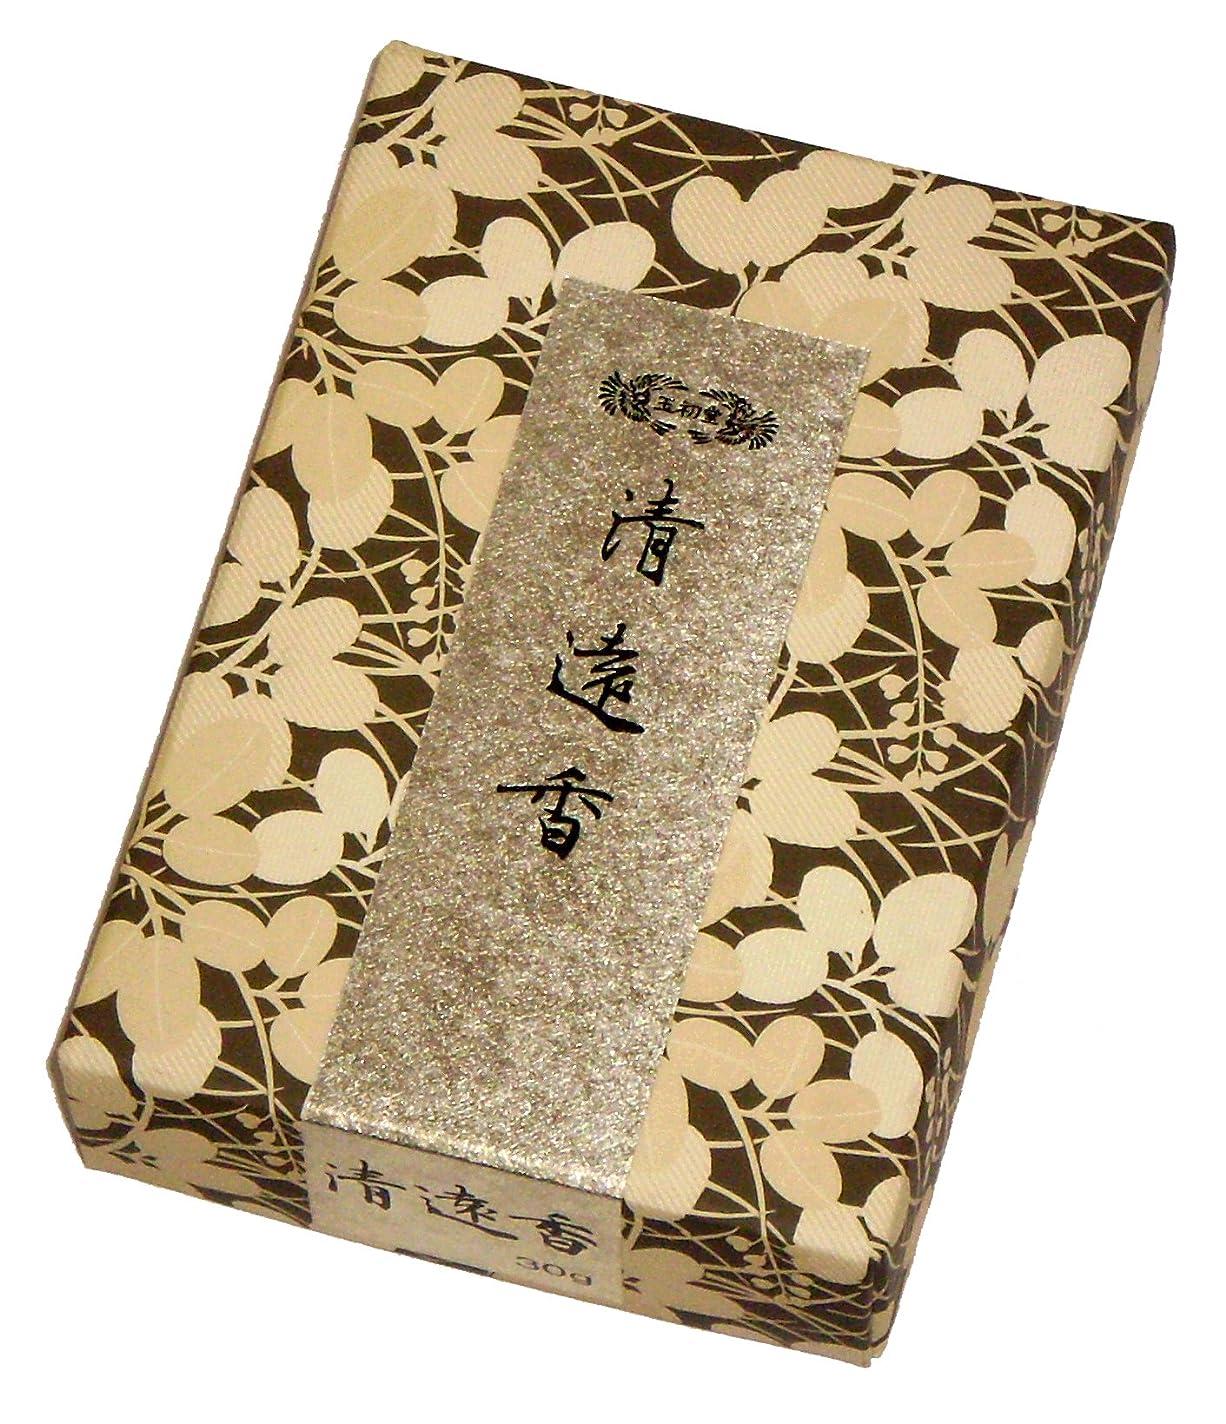 熟したディンカルビルカカドゥ玉初堂のお香 清遠香 30g #605